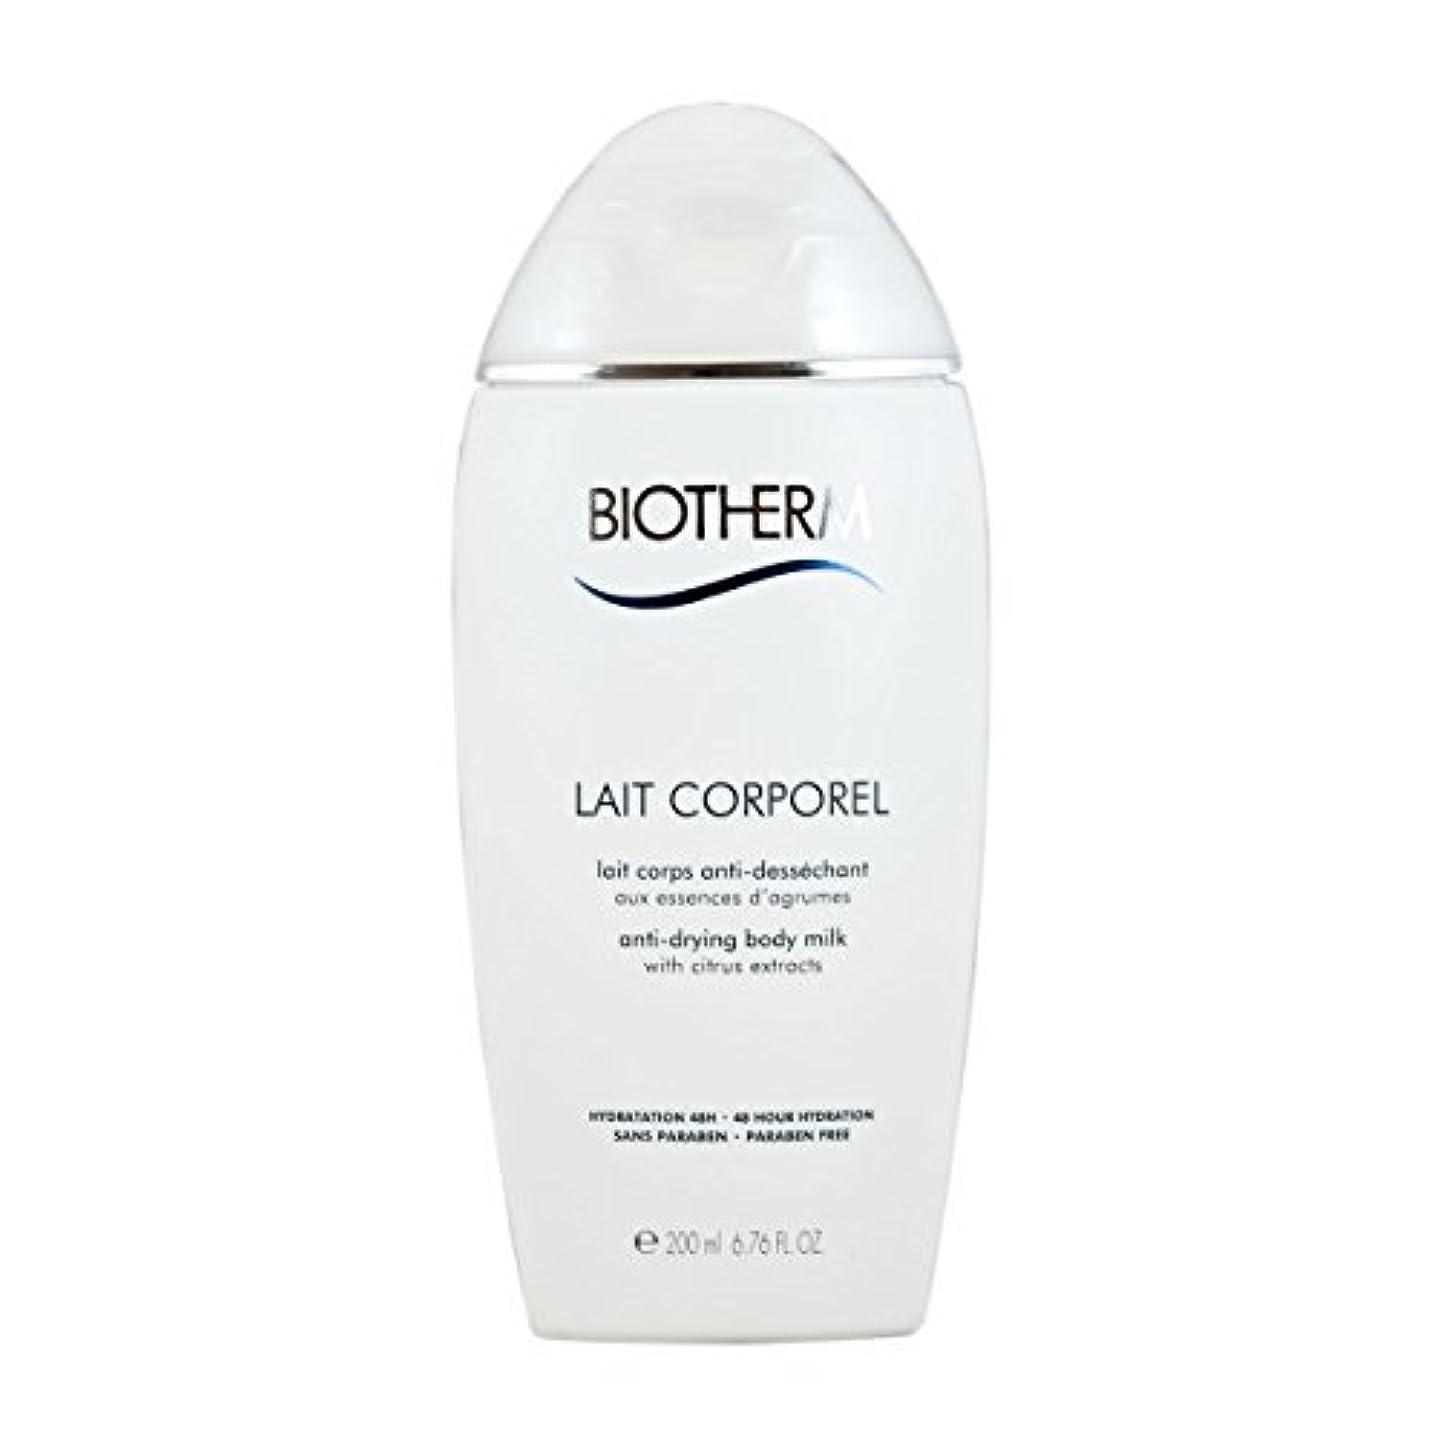 としてホスト粒Biotherm Lait Corporel Anti-Drying Body Milk 6.76 Ounce [並行輸入品]